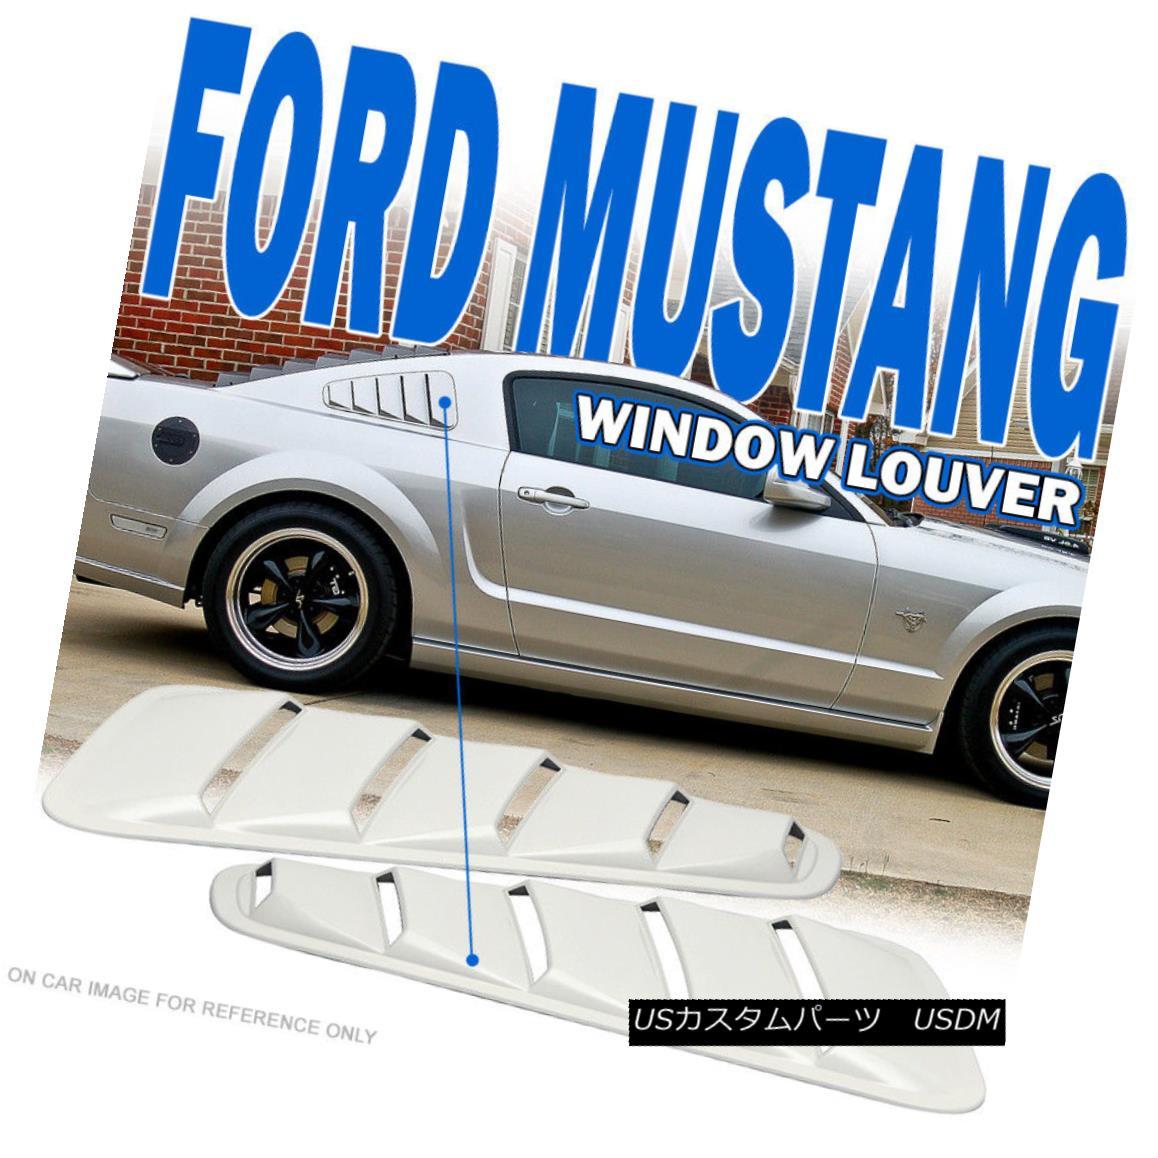 エアロパーツ Fit For 05-09 Mustang V6 Painted # HP Hi Performance White Window Louver - ABS 05-09 Mustang V6塗装済み#HPハイパフォーマンスホワイトウィンドウルーバー - ABS